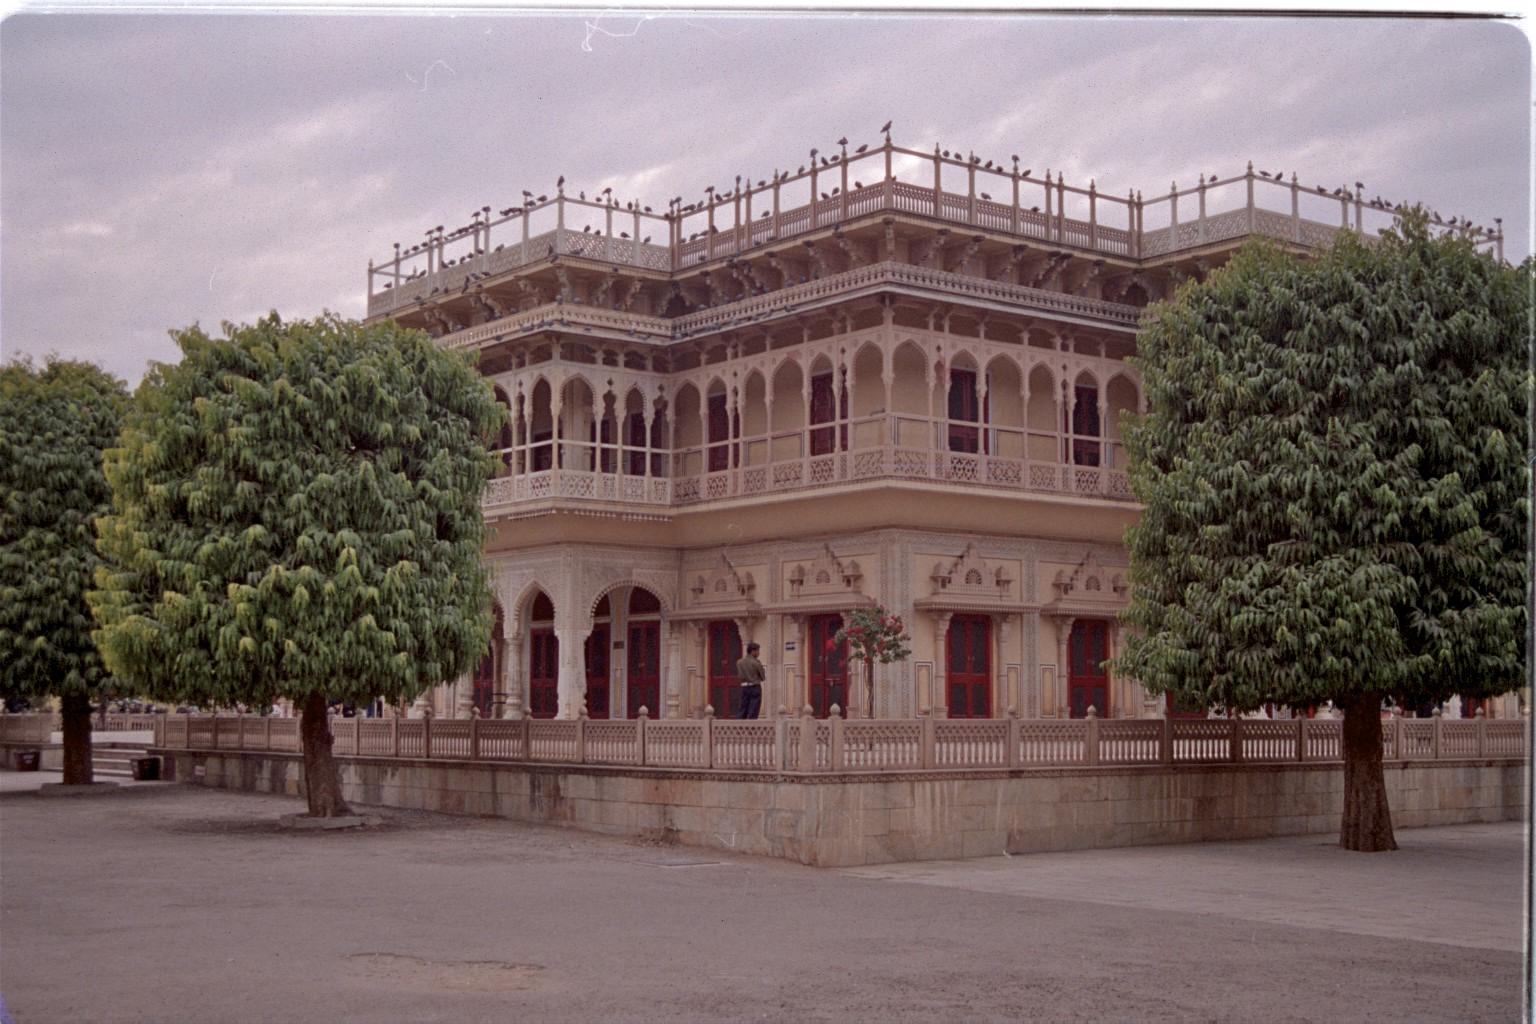 Jaipur Mubarak Mahal